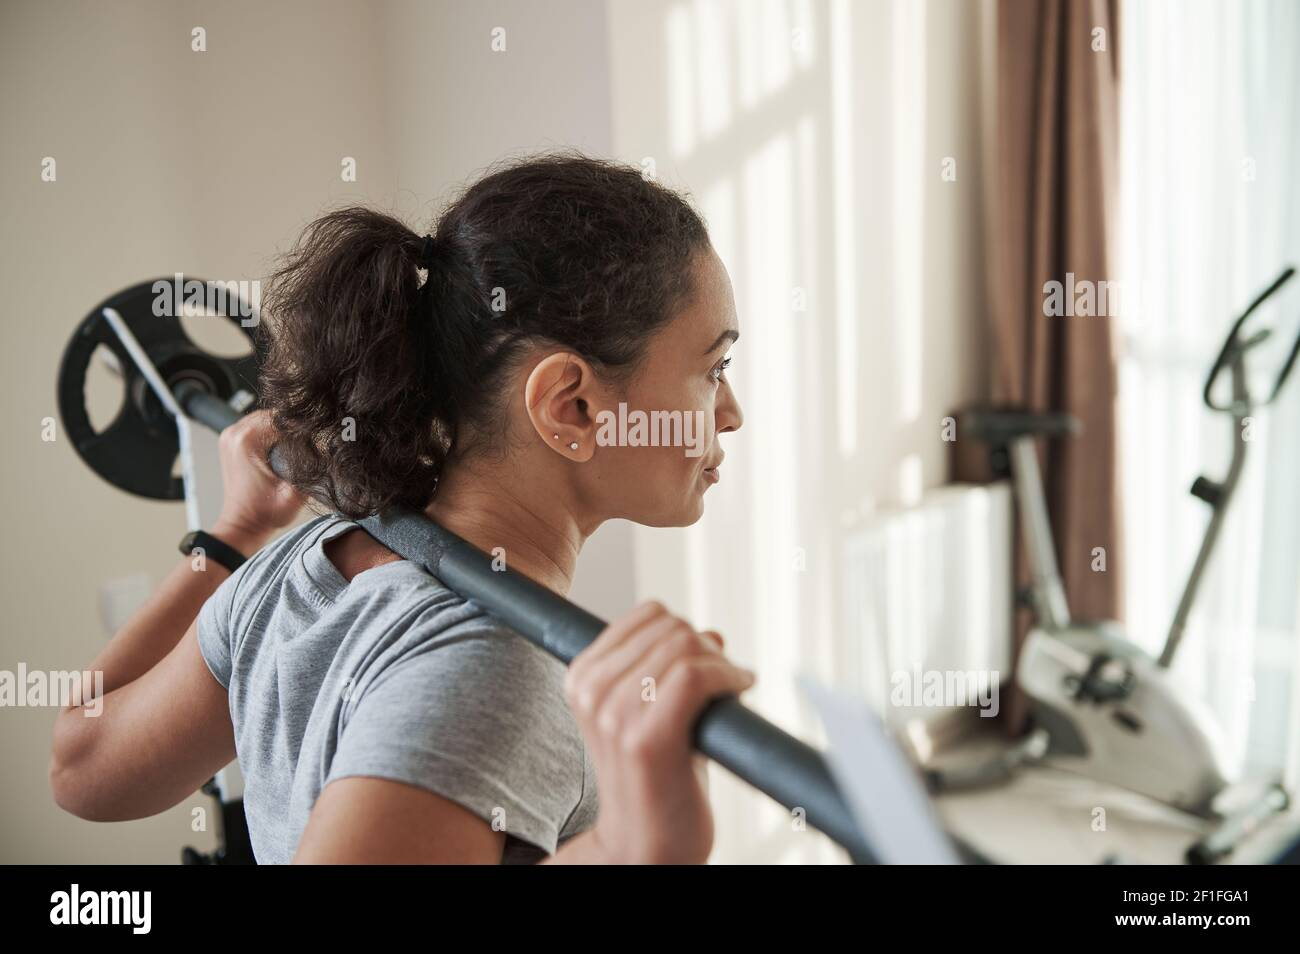 Vue arrière de la jeune femme sportive afro-américaine qui fait de l'exercice avec un squat lourd et une barbell dans la salle de gym à la maison. Entraînement lourd. Banque D'Images